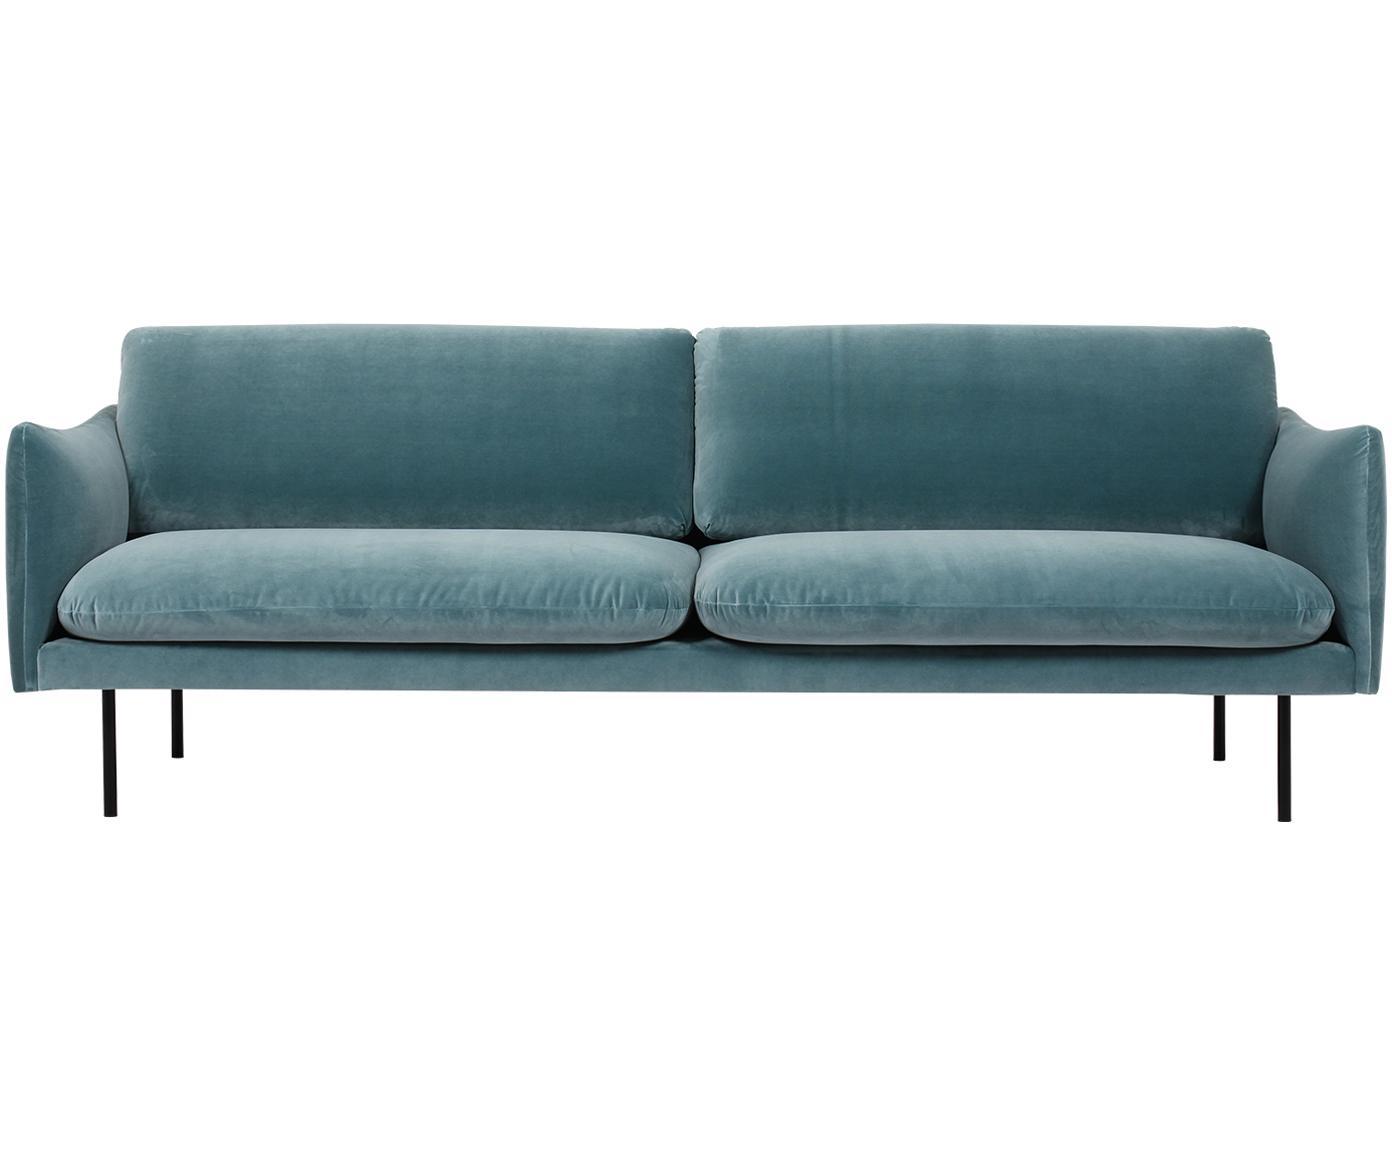 Fluwelen bank Moby (3-zits), Bekleding: fluweel (hoogwaardige pol, Frame: massief grenenhout, Poten: gepoedercoat metaal, Turquoise, B 220 x D 95 cm